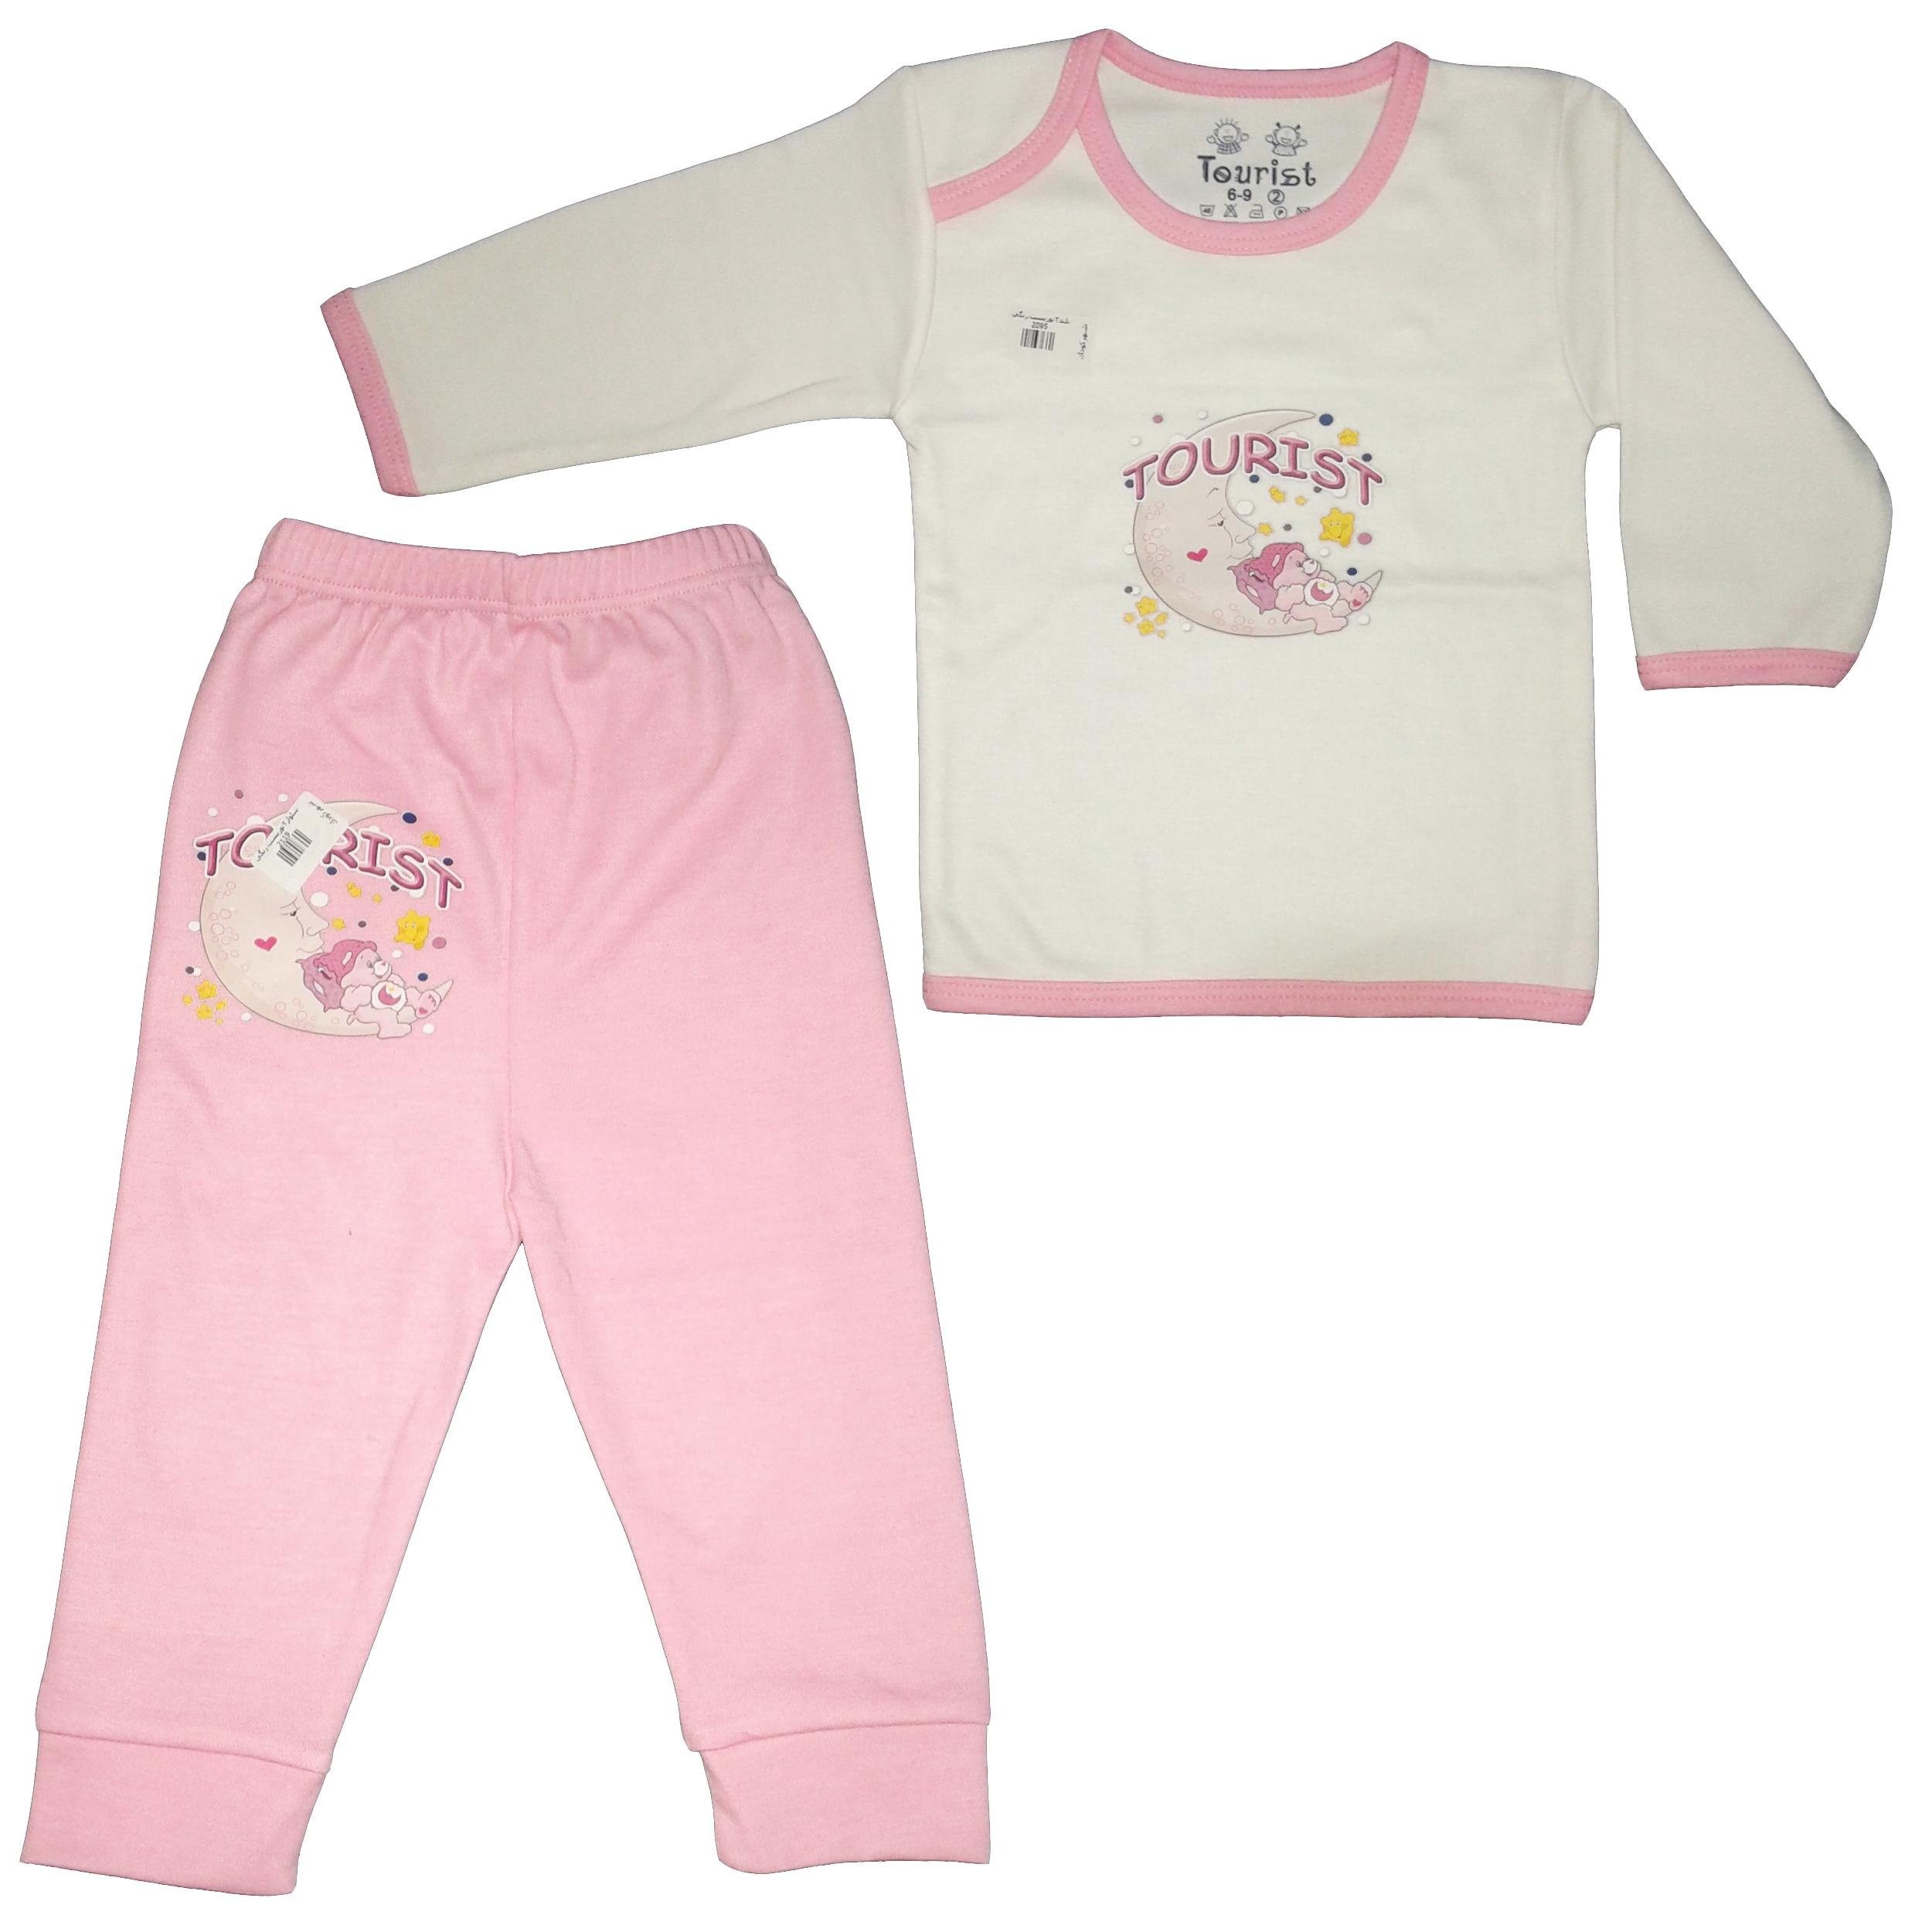 ست تی شرت و شلوار نوزادی دخترانه کد 011